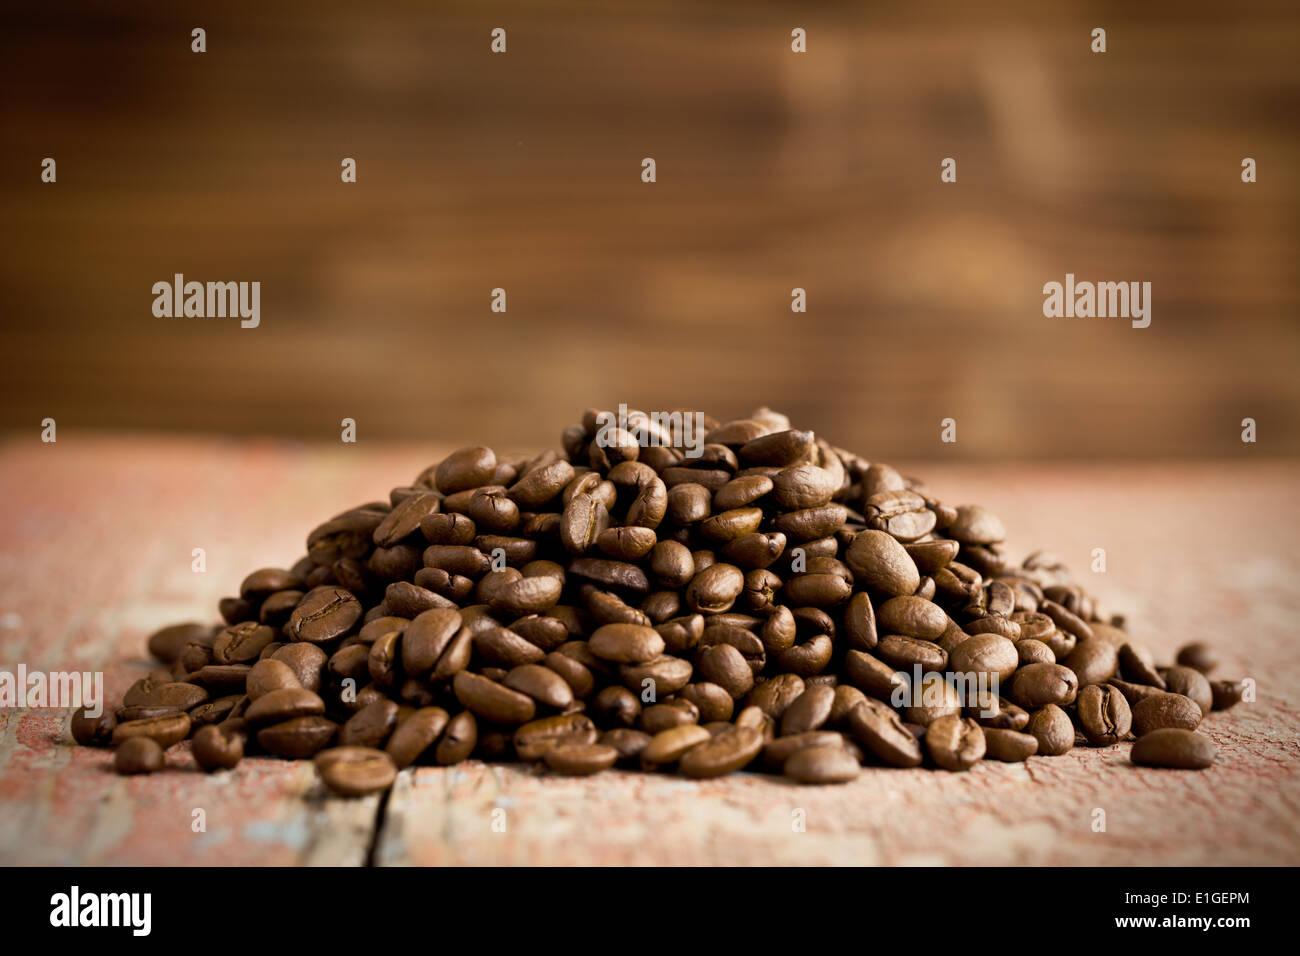 der Heap von gerösteten Kaffeebohnen Stockbild